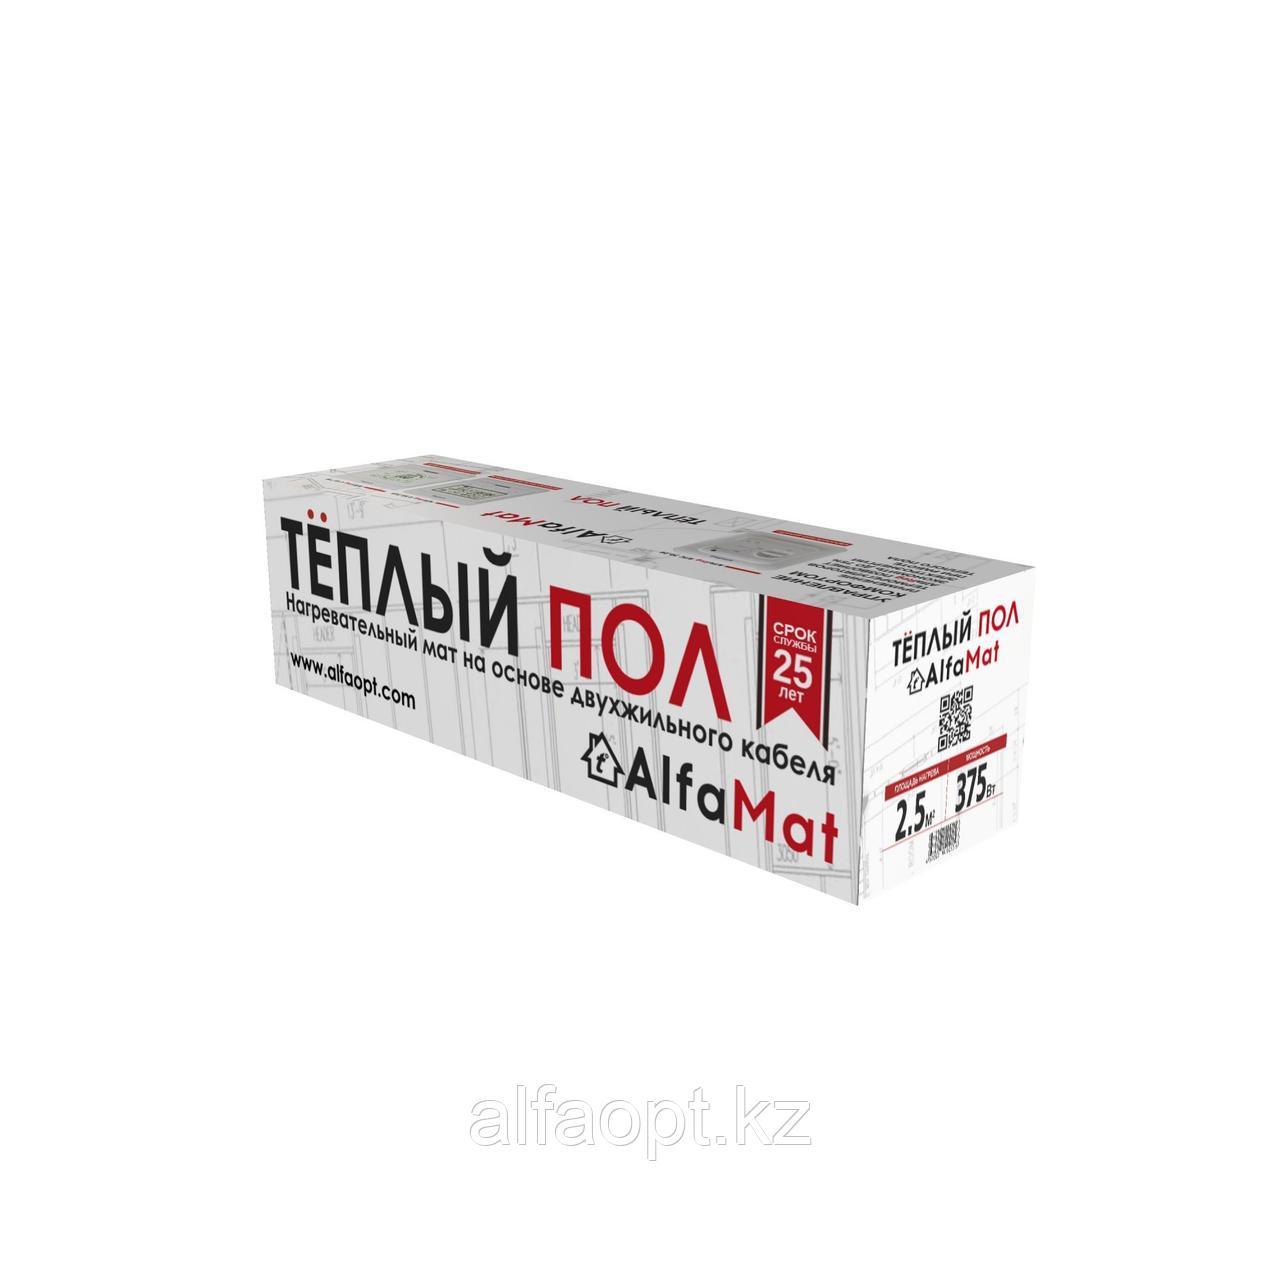 Мат нагревательный AlfaMat-150 (2,5 м²)